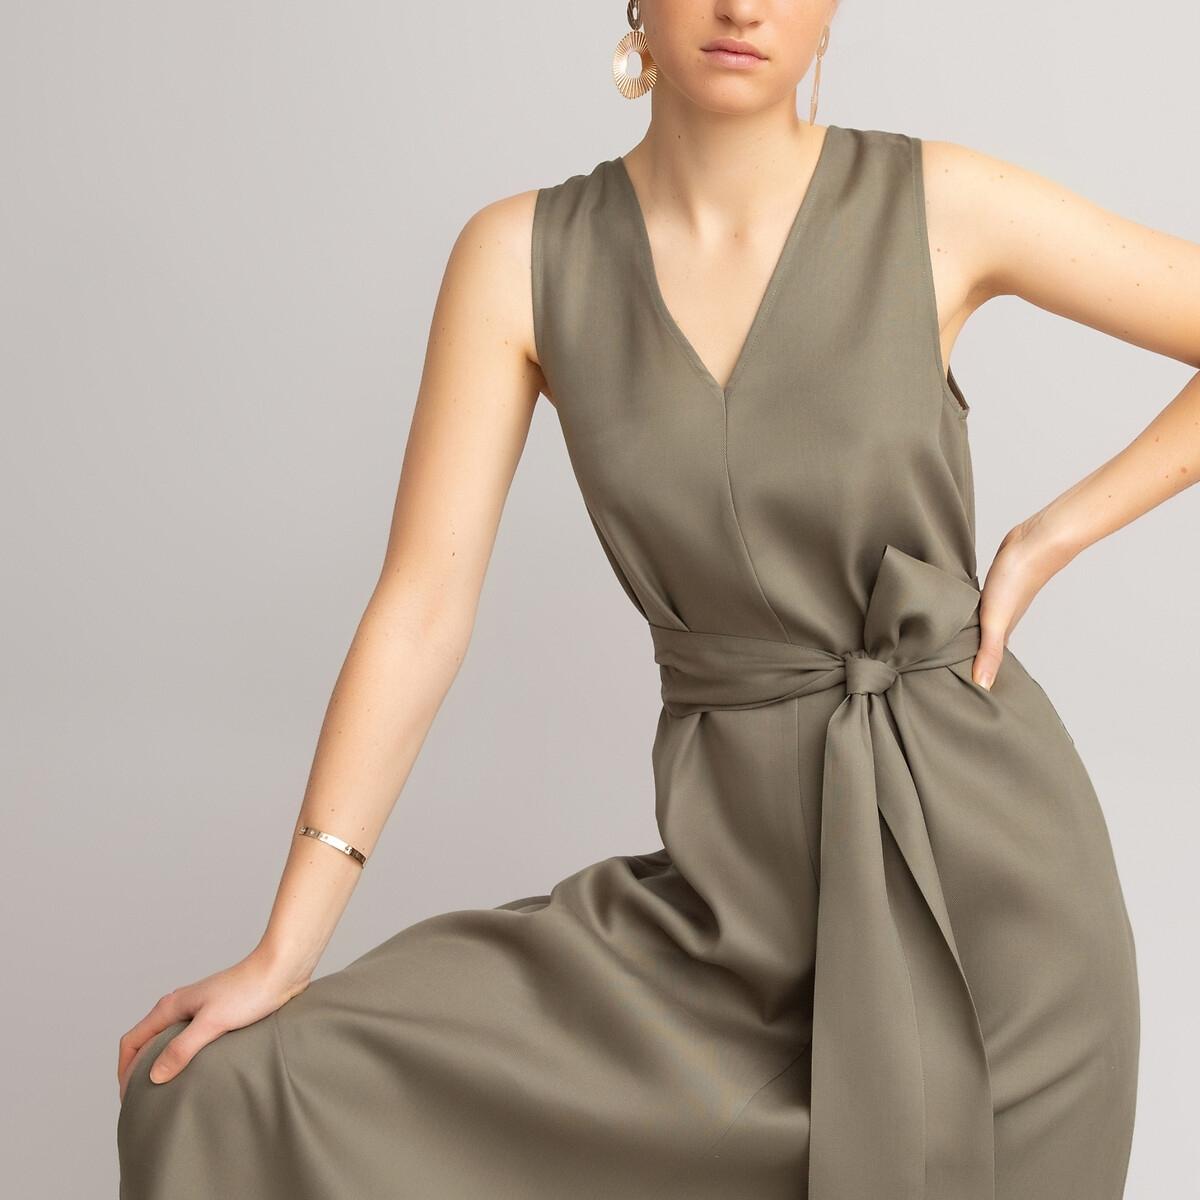 Платье LaRedoute Расклешенное из лиоцелла длинное без рукавов 44 зеленый